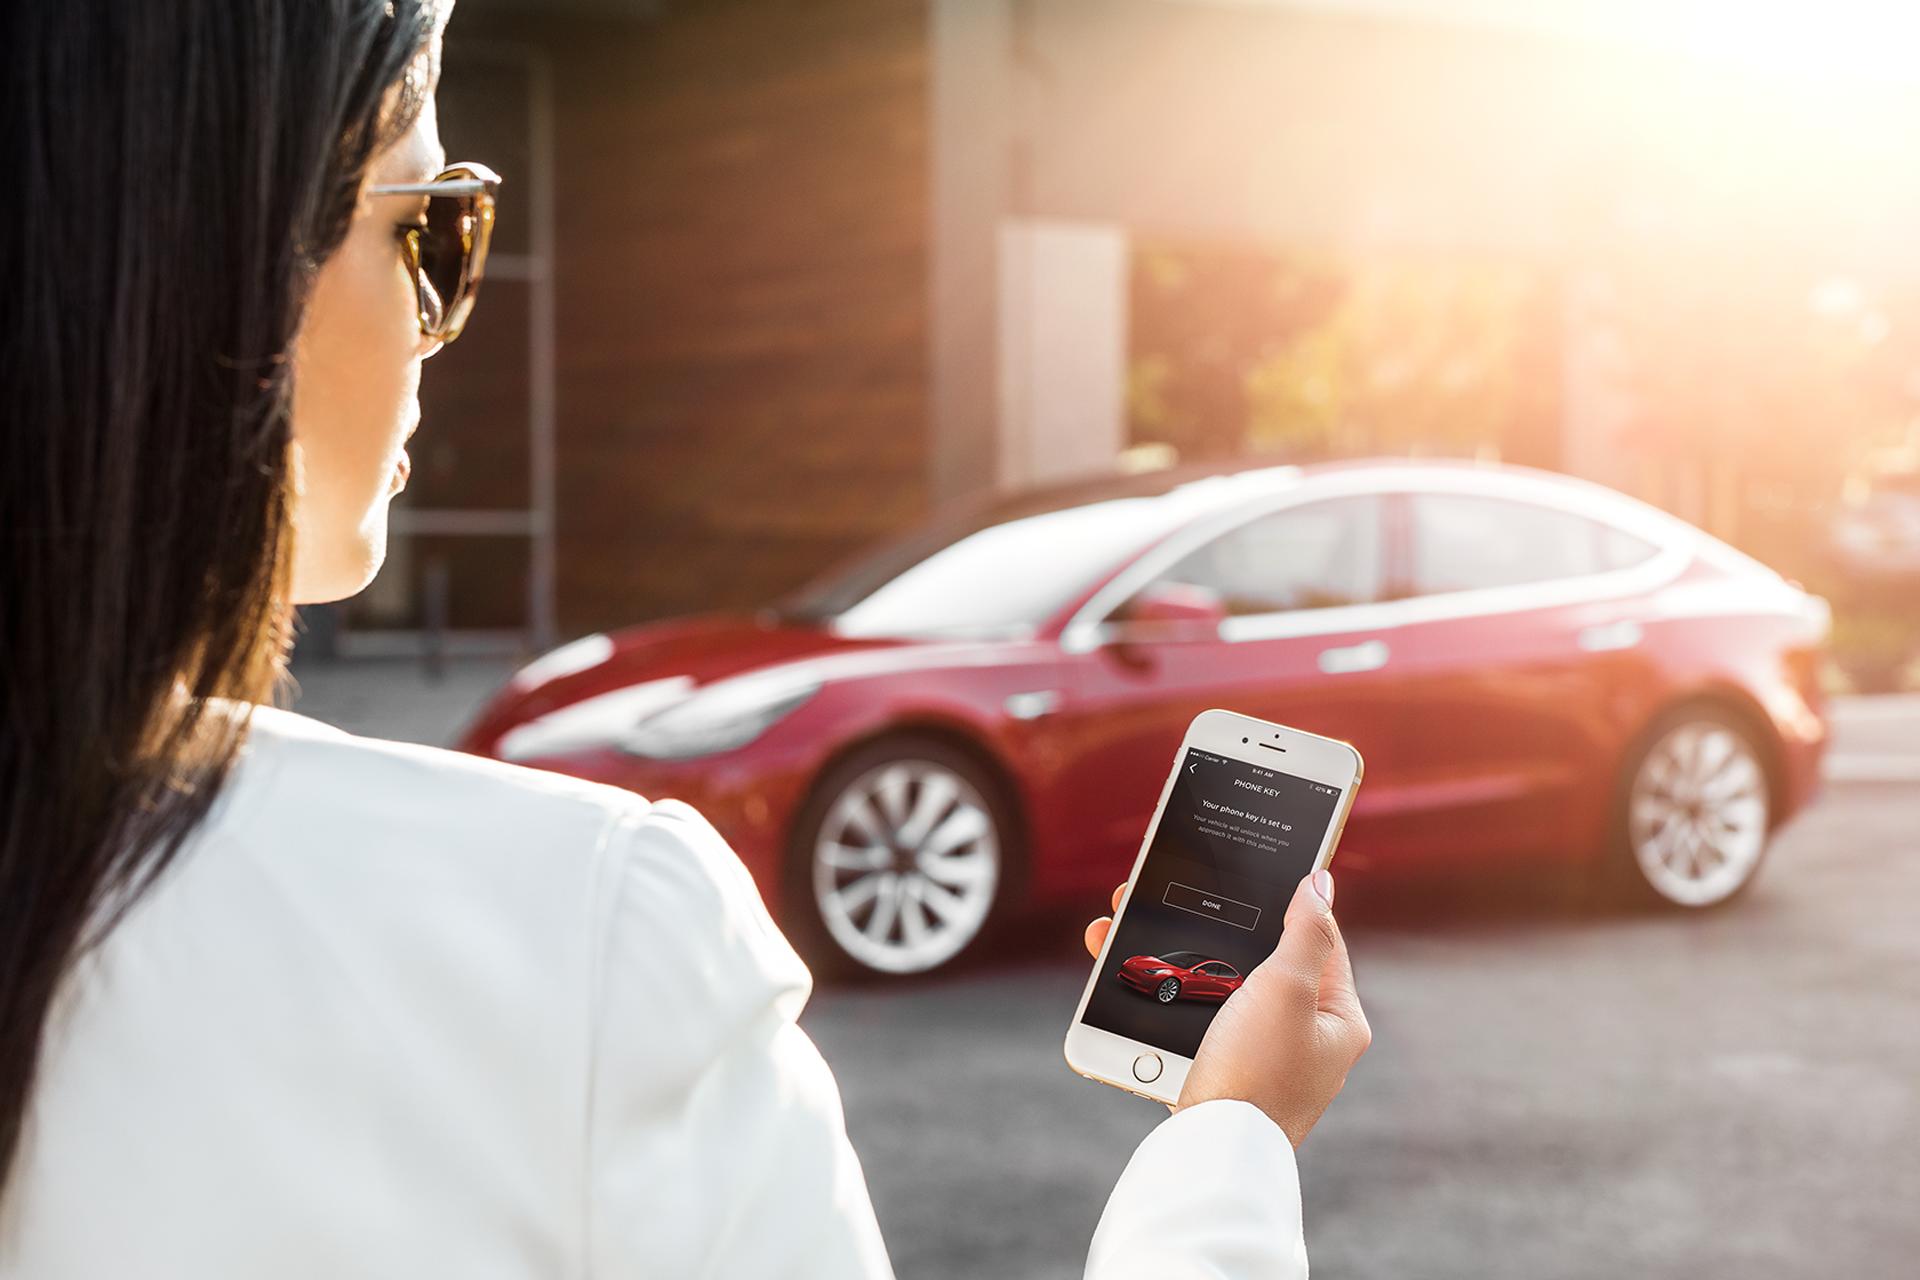 Frau schaut auf App im Handy, die Tesla Model 3 steuert